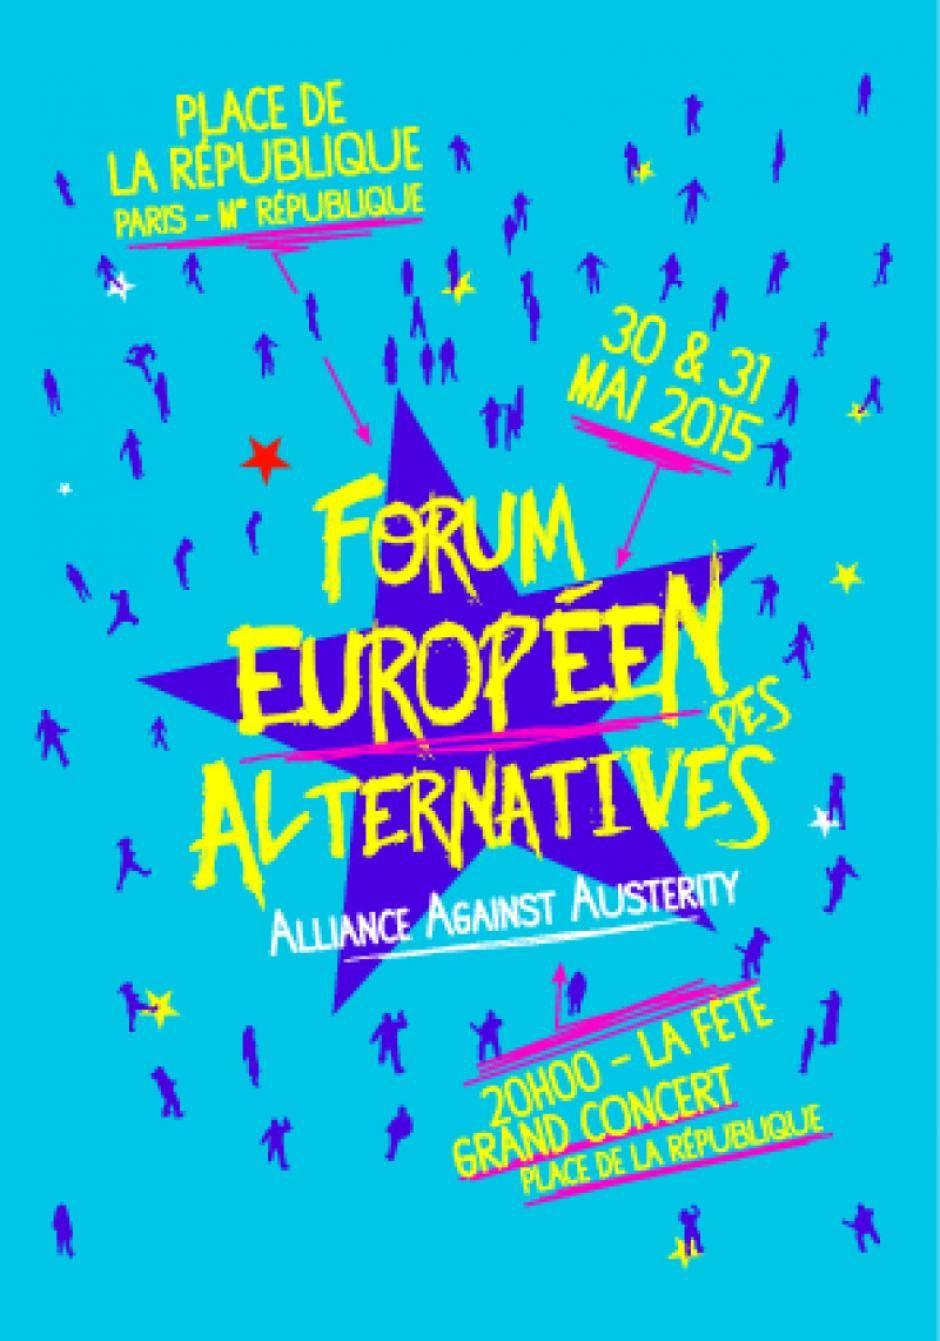 Forum européen de l'alternative (Anne Sabourin)